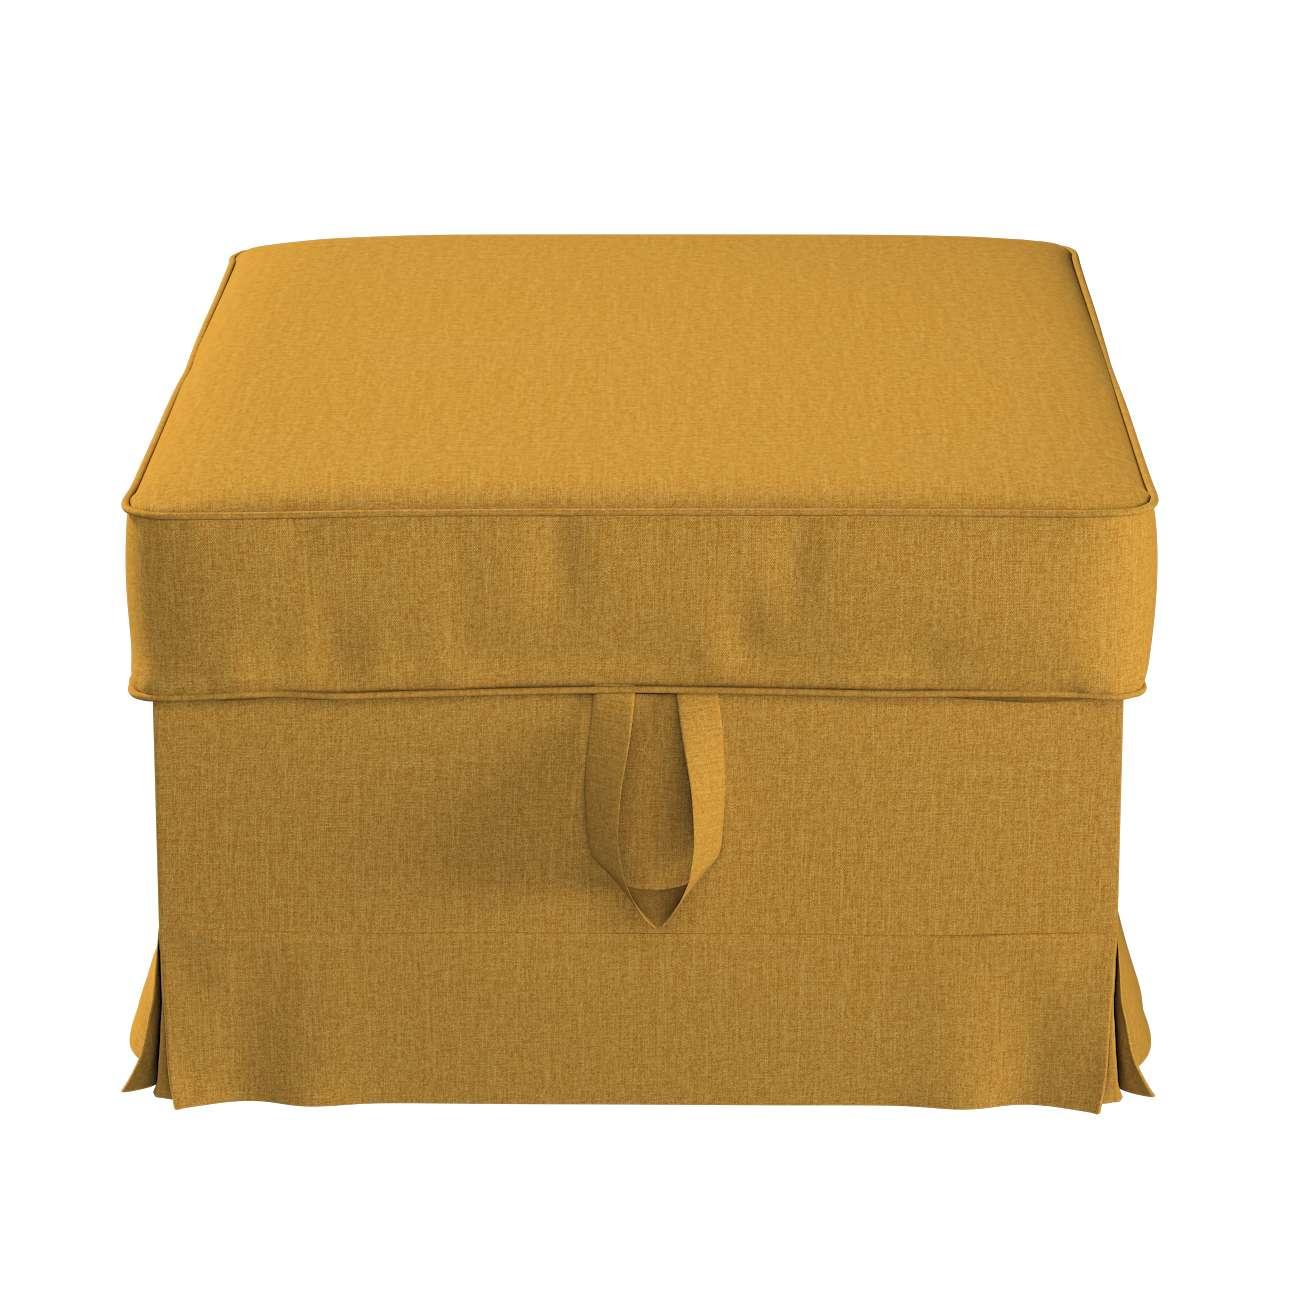 Pokrowiec na podnóżek Ektorp Bromma w kolekcji City, tkanina: 704-82